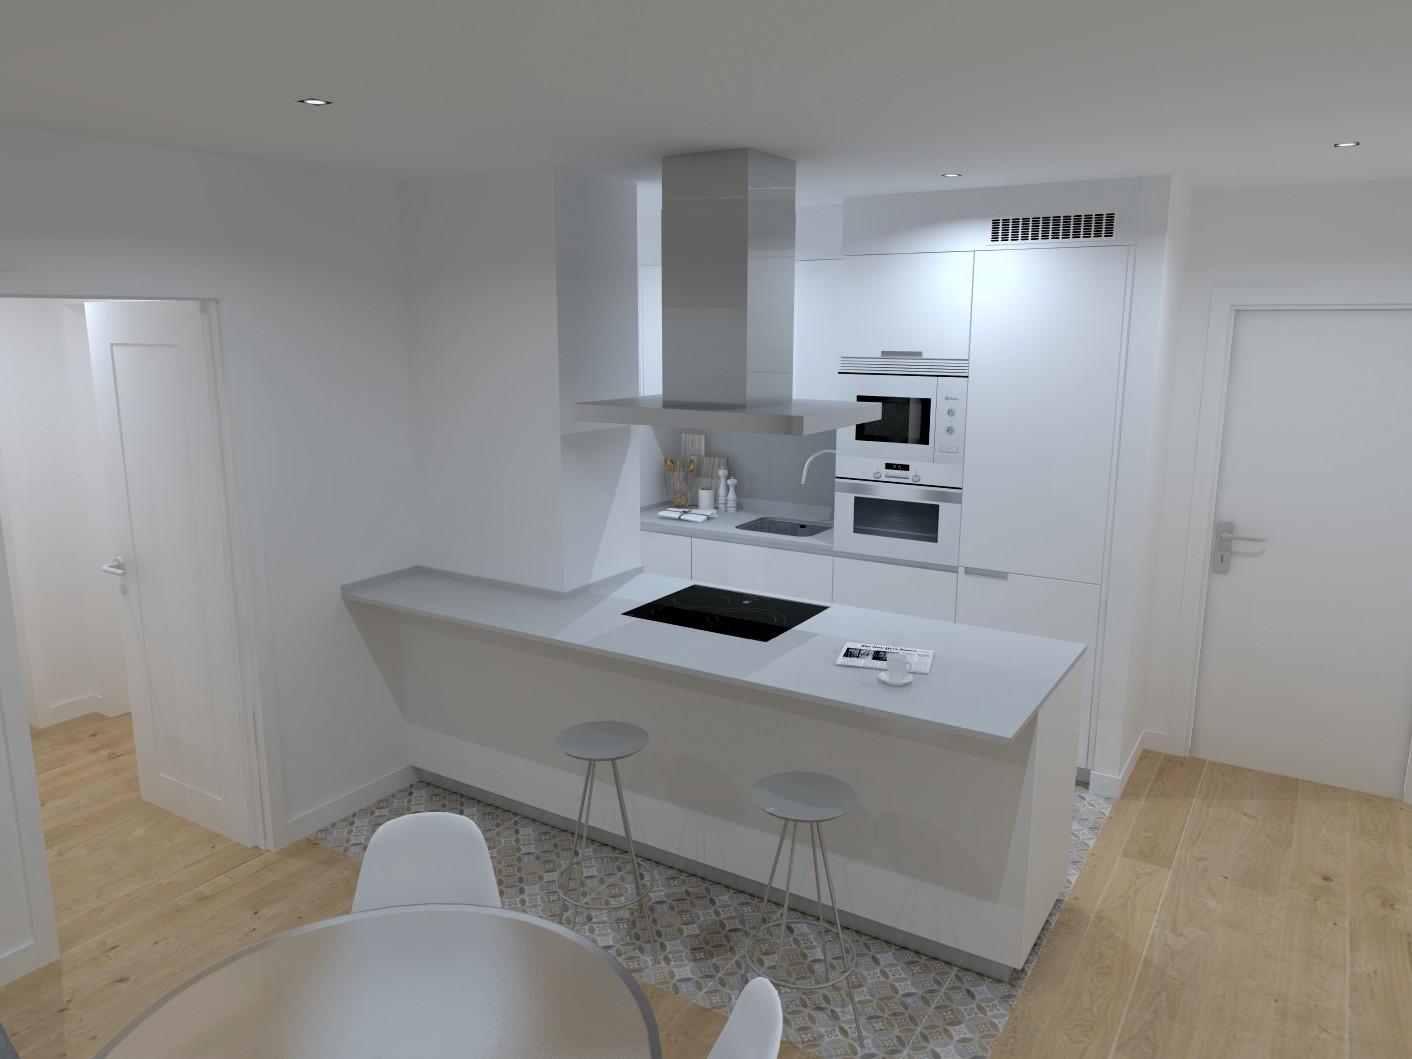 Cocina blanca y gris pequeña Santiago Interiores